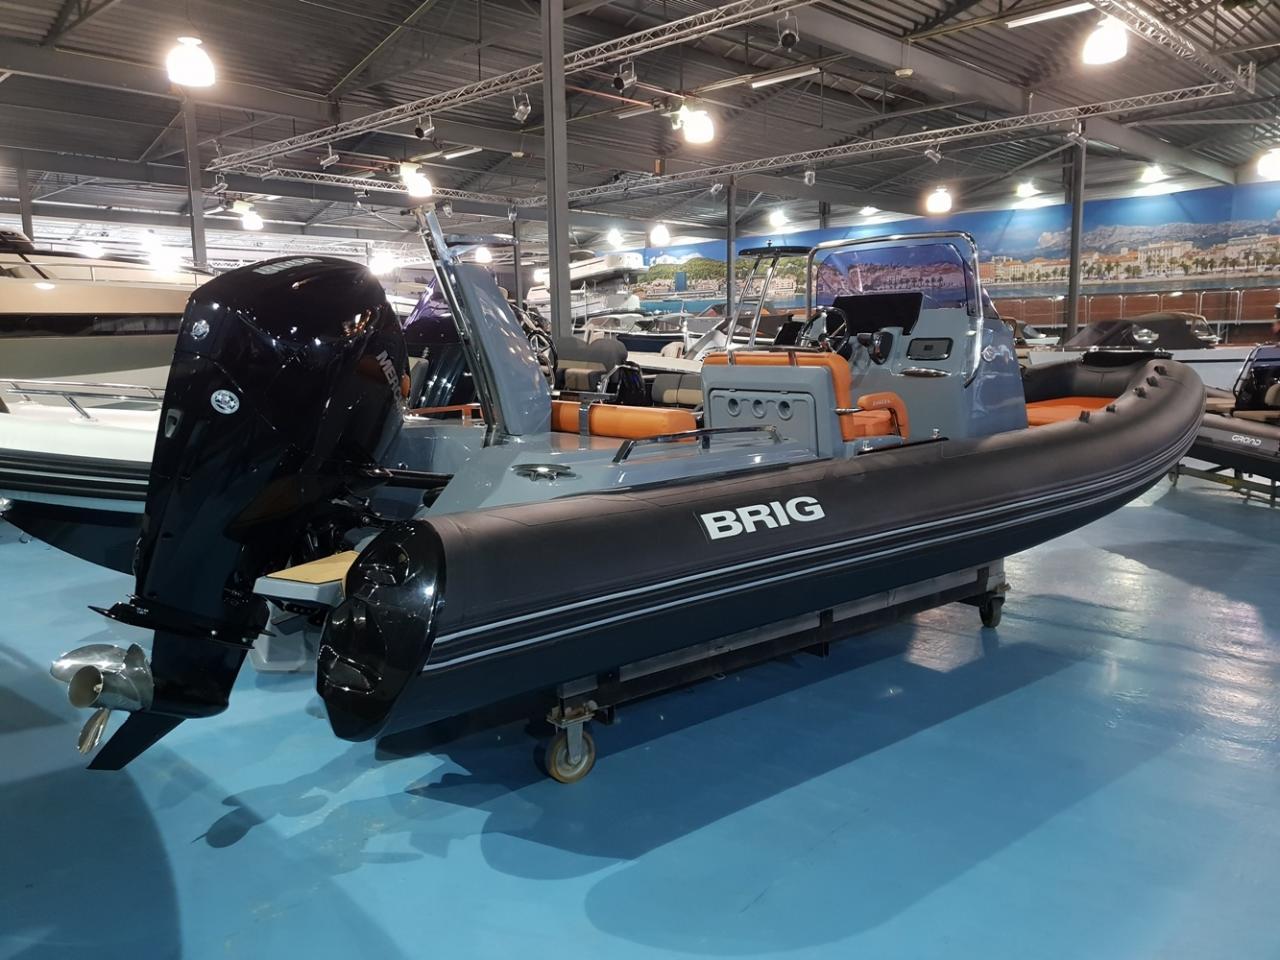 Brig Eagle 6.7 rib met Mercury 225 pk VAARKLAAR! 2